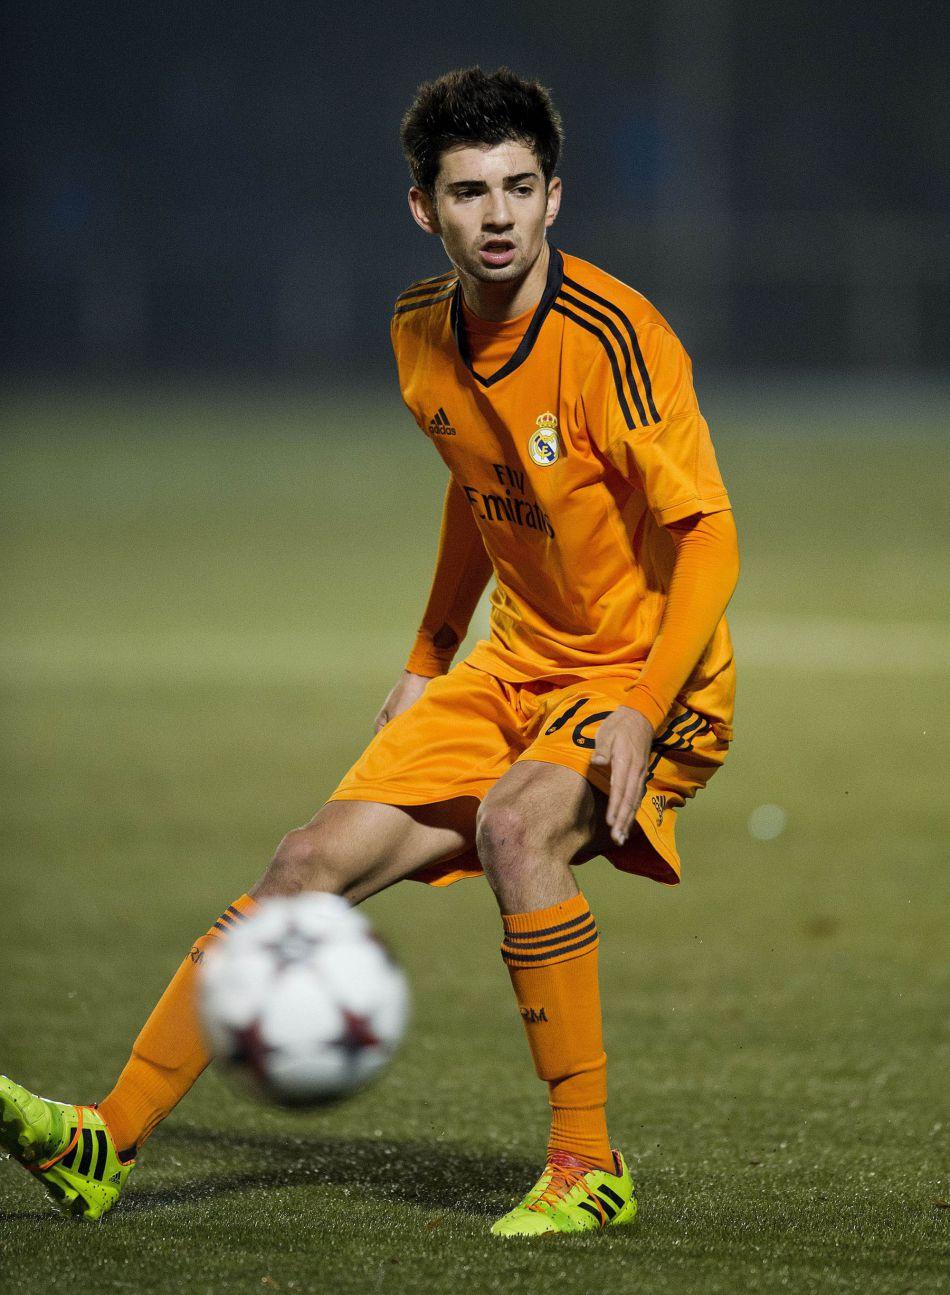 Enzo Zidane sur les traces de son père, son frère Luca, le beau gosse sexy d'Instagram intègre lui aussi le club du Real de Madrid.